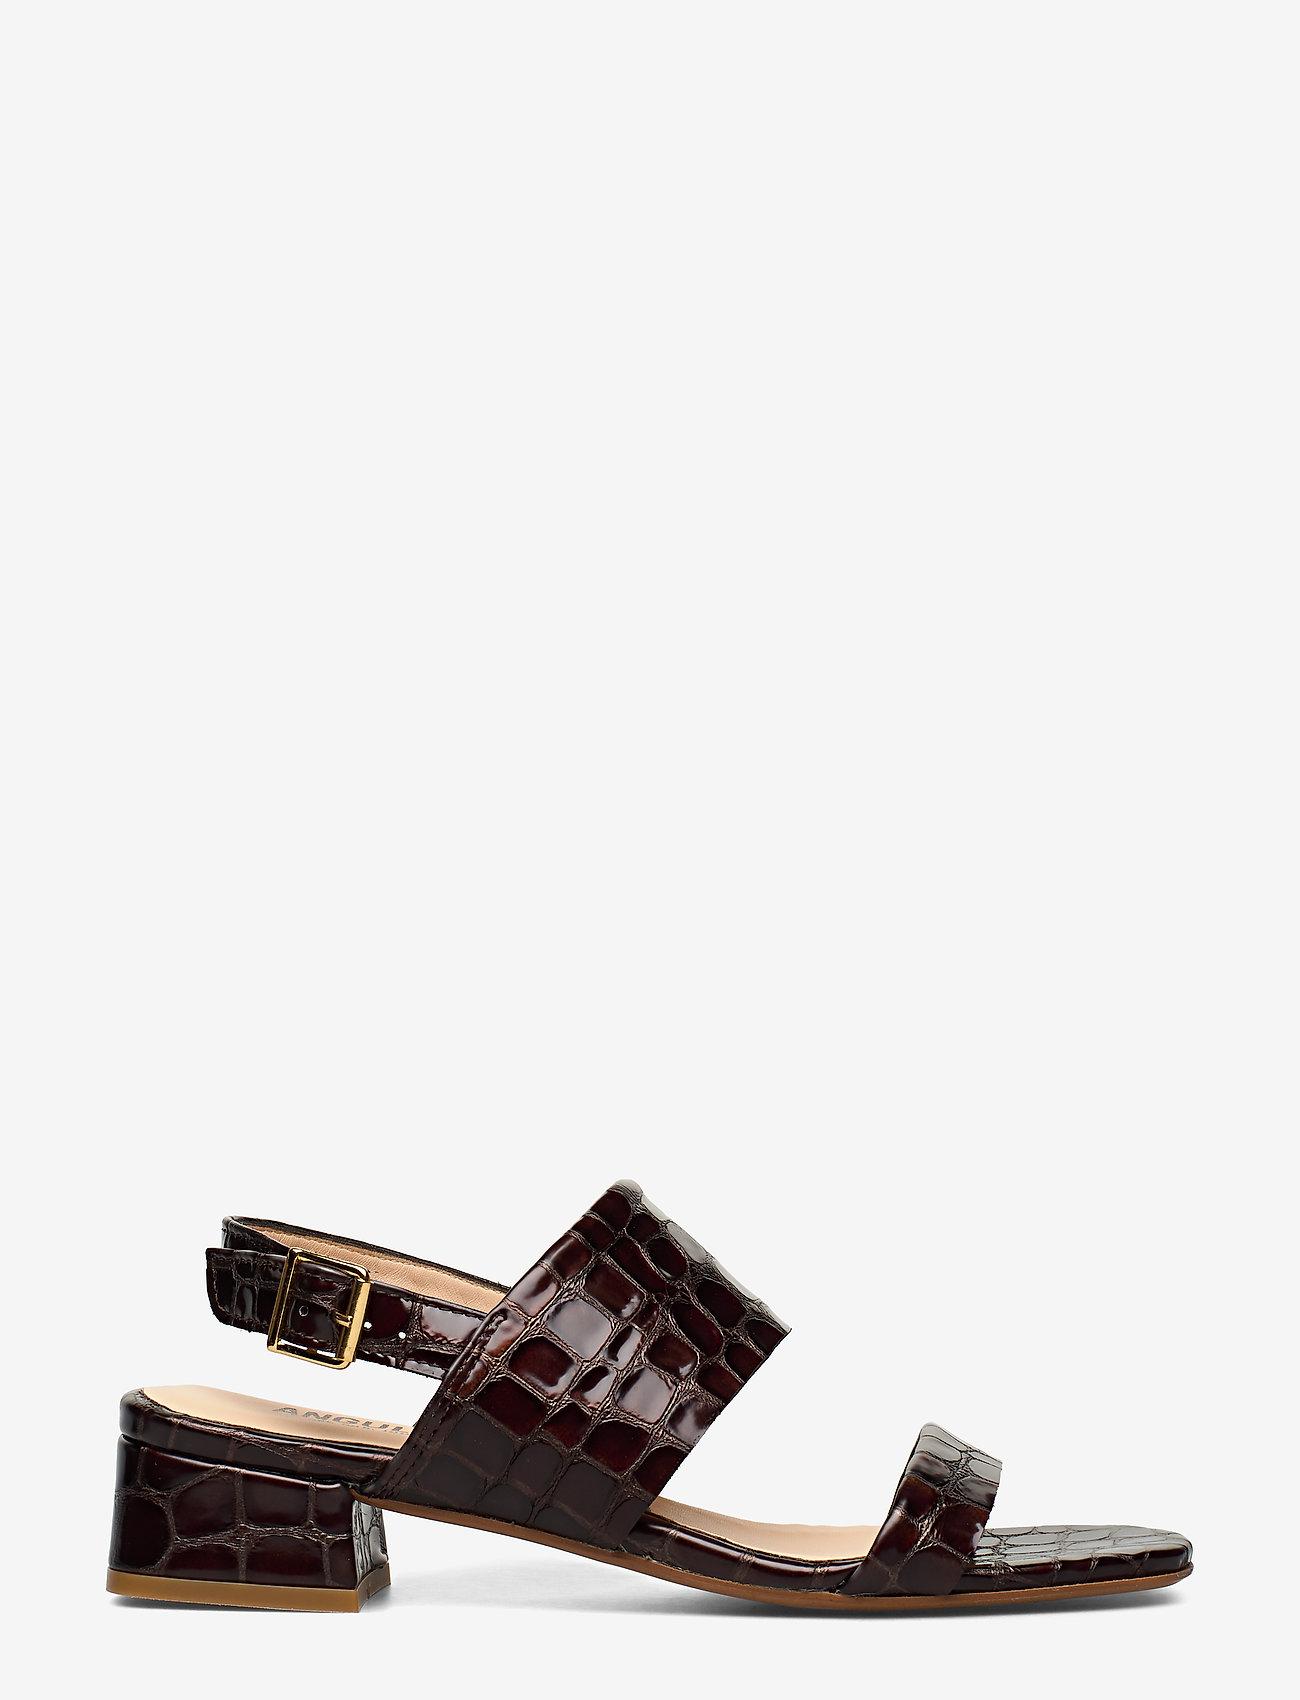 ANGULUS - Sandals - Block heels - sandalen met hak - 1672 brown croco - 1